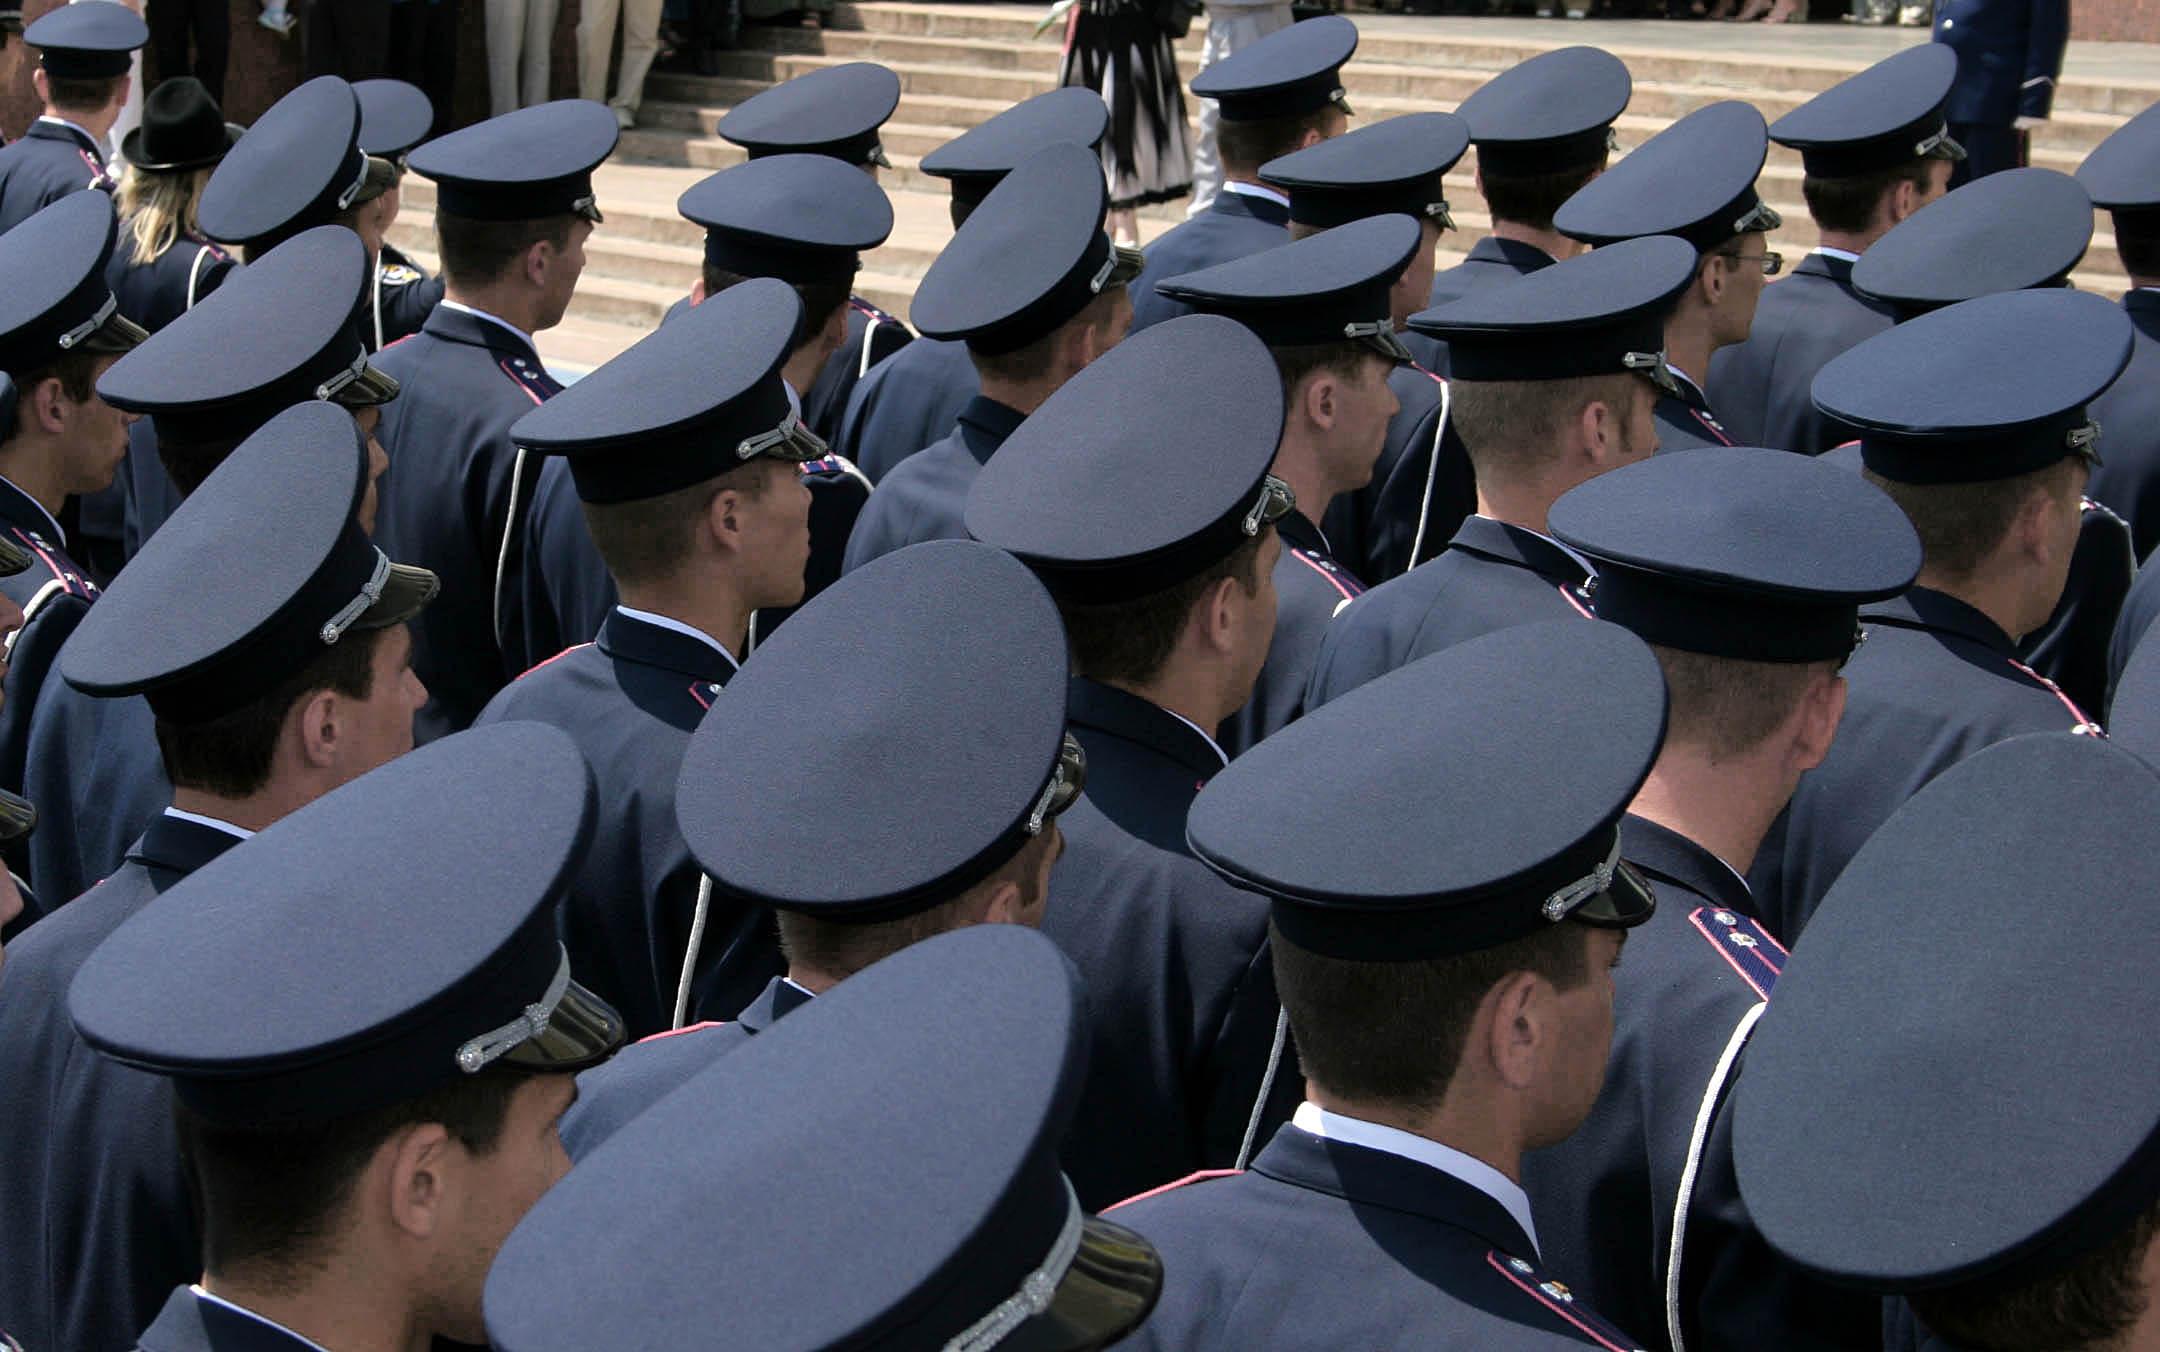 Василь Фаринник: «Десятки колишніх співробітників міліції з нашою допомогою захистили своє право на пенсійне забезпечення»